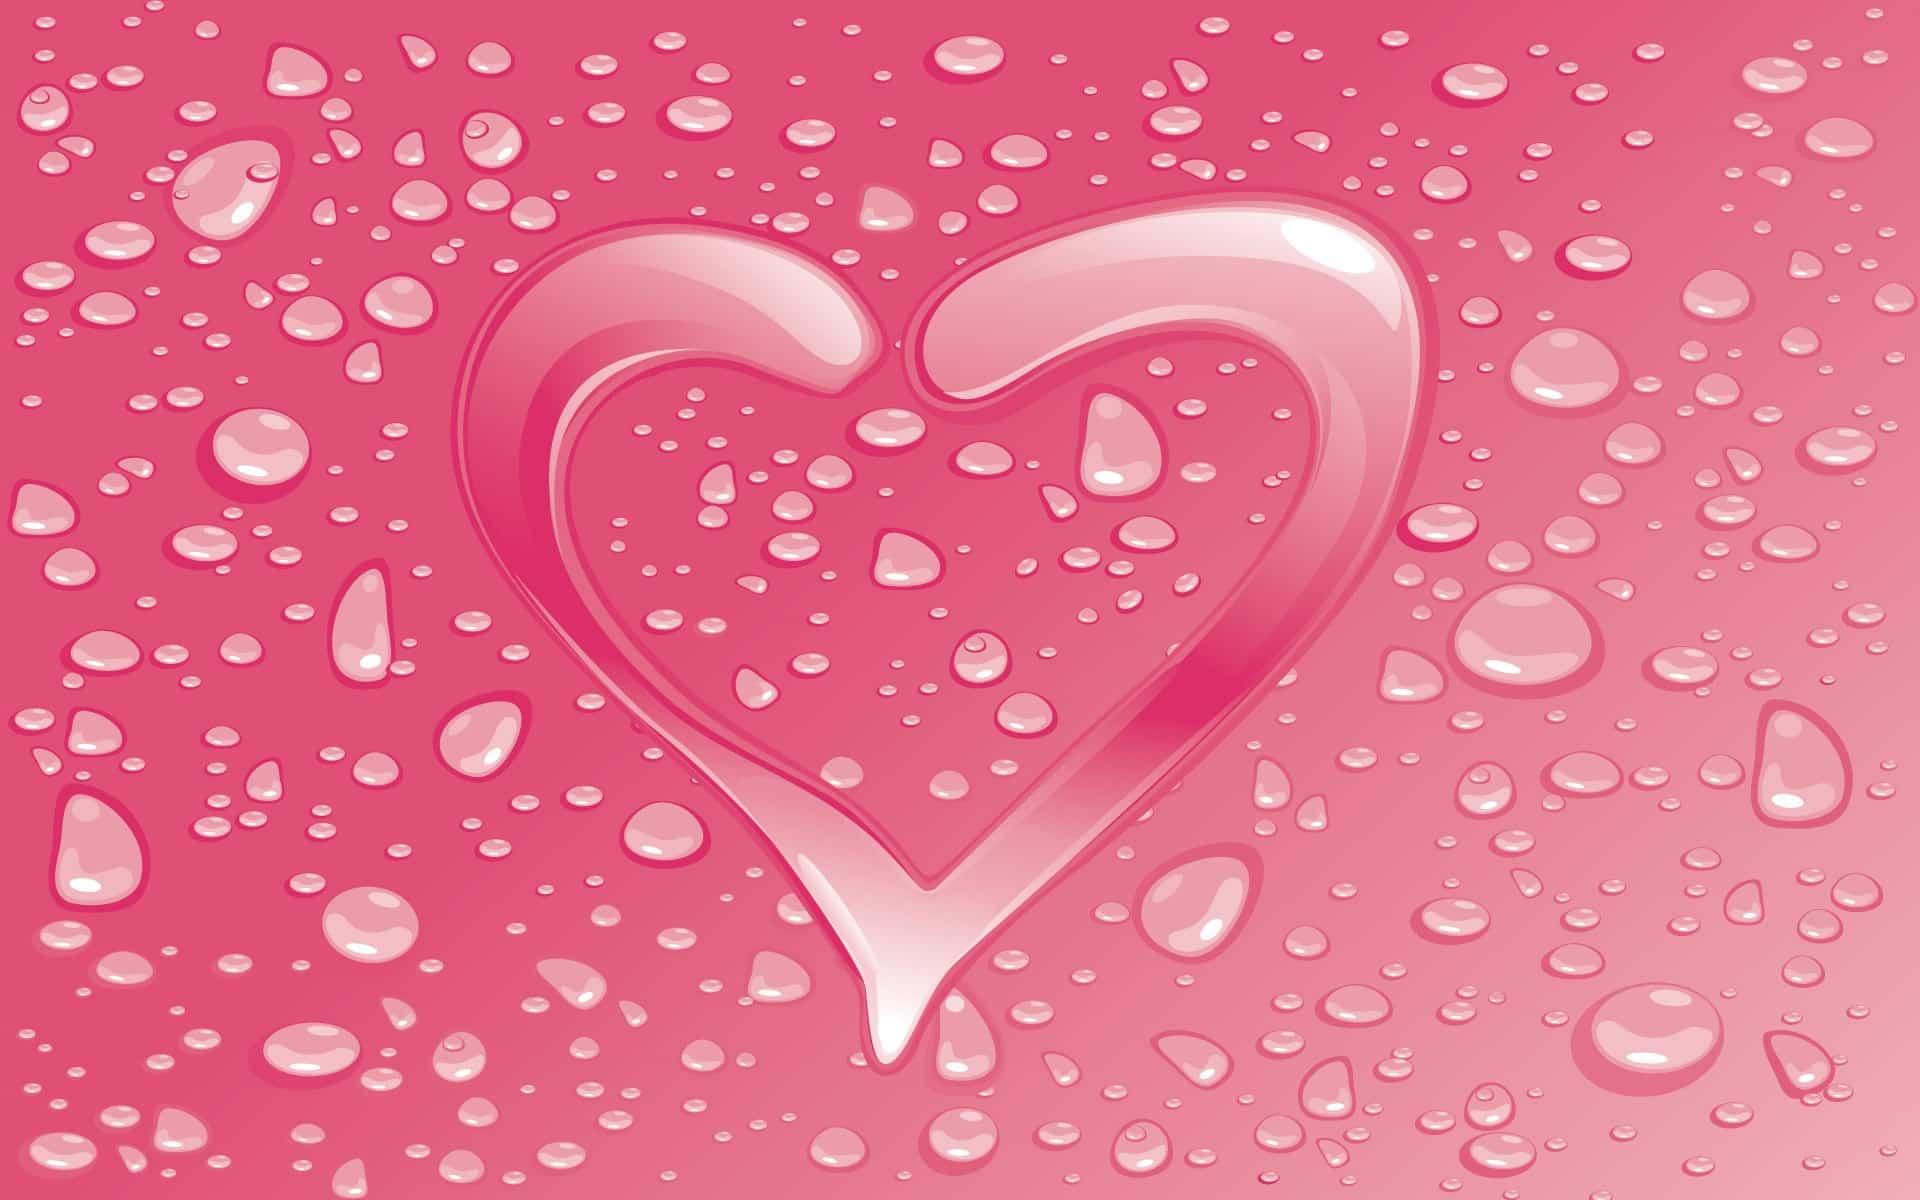 بالصور رسائل عيد الحب , اروع رسايل عيد الحب 5841 2